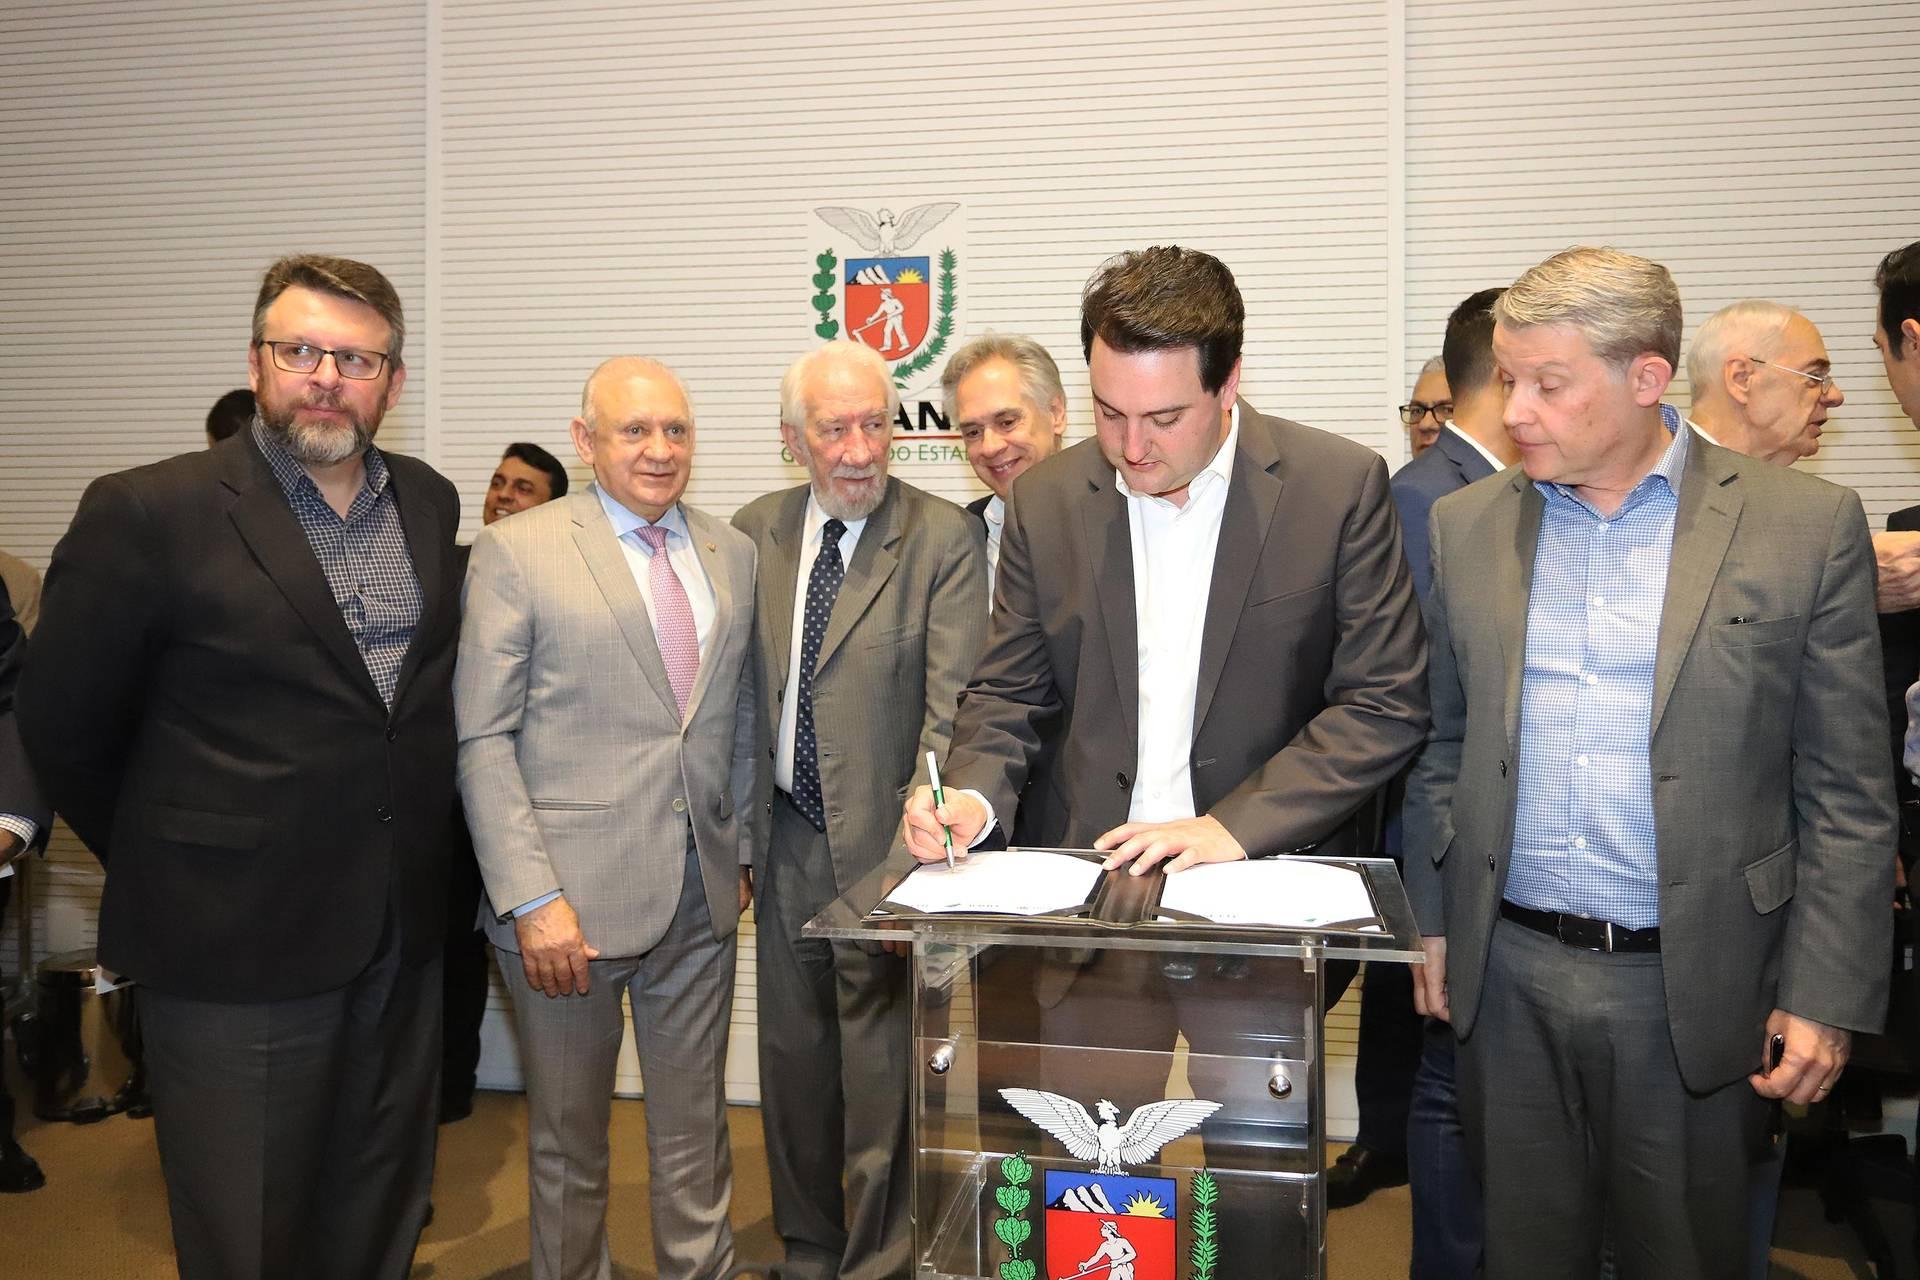 Instituto de Tecnologia do Paraná e o Banco Regional de Desenvolvimento do Extremo Sul (BRDE) firmaram um acordo de cooperação técnica que permite dar apoio a empreendimentos instalados dentro da Incubadora Tecnológica do Tecpar (Intec).